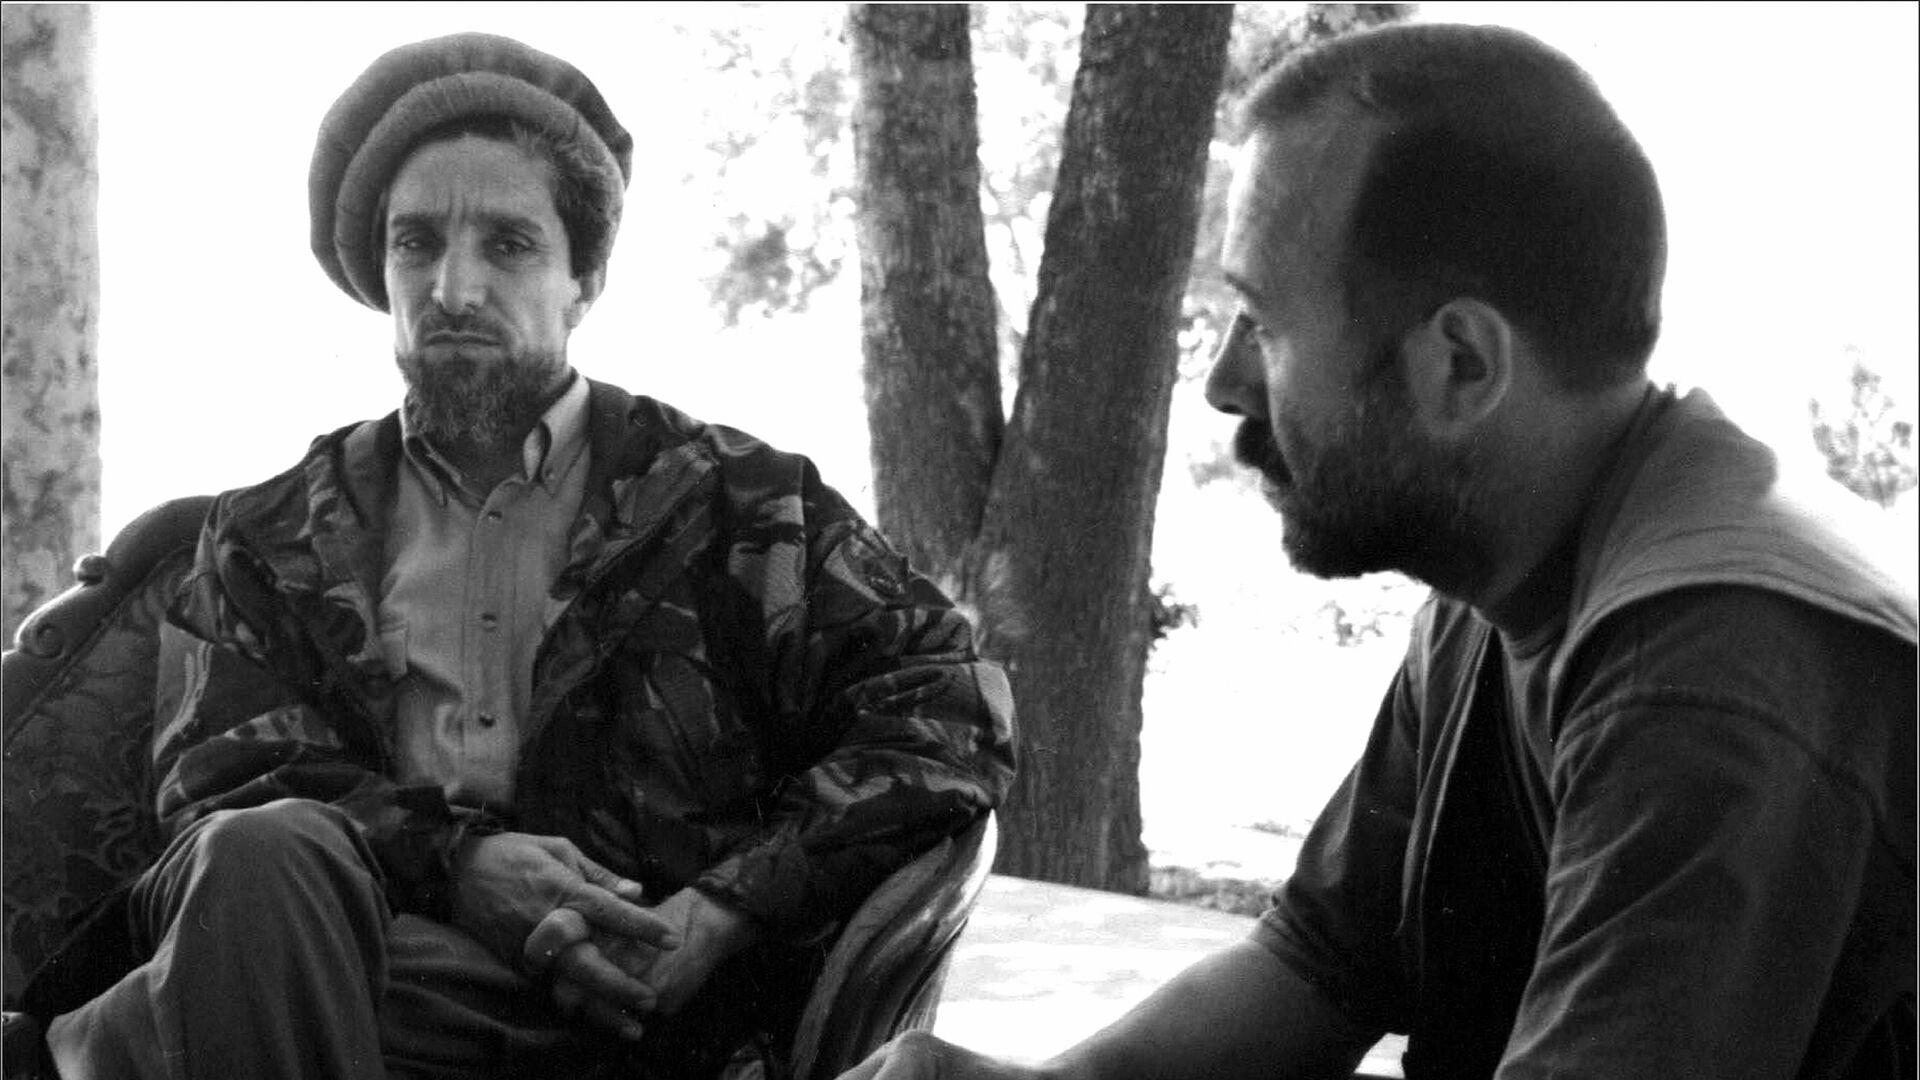 Обсуждение хода работы группы «6+2» с Ахмад Шахом Масудом. Северная провинция Тахар, июнь 1998 года - Sputnik Таджикистан, 1920, 01.07.2021